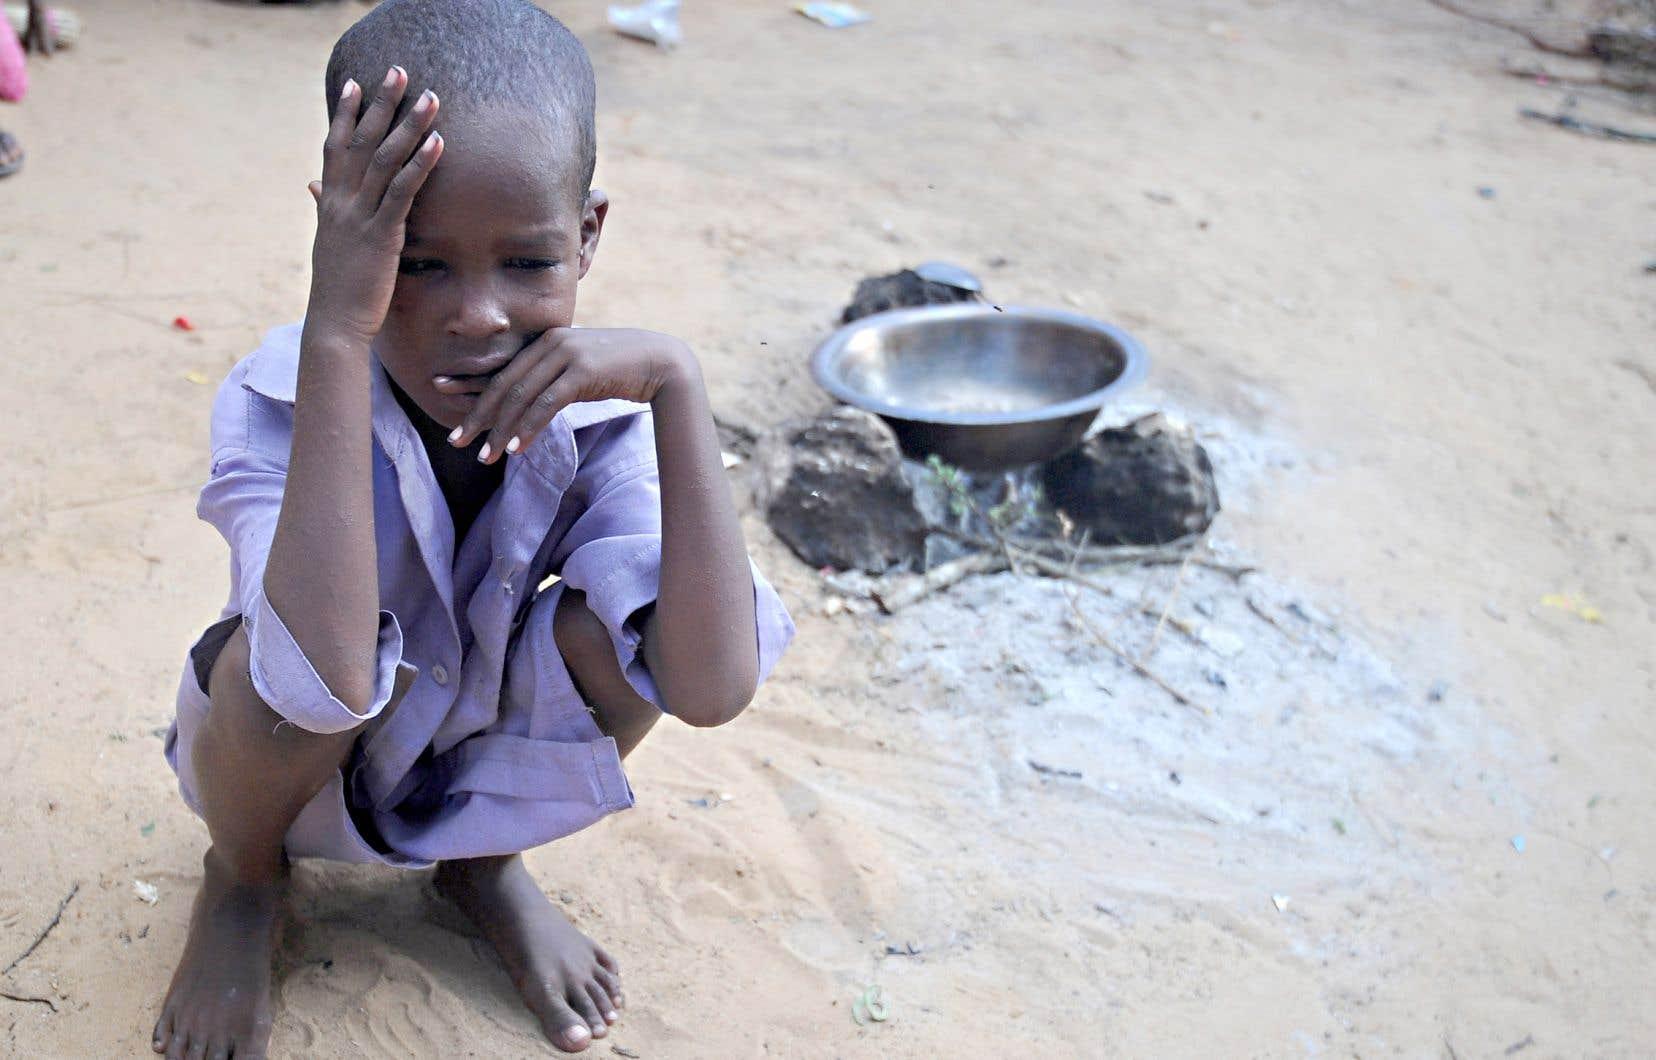 Un enfant somalien attendait dans un camp de réfugiés improvisé, en mai 2017, en banlieue de Mogadiscio, après que sa famille eut dû quitter sa région en raison d'une forte sécheresse.